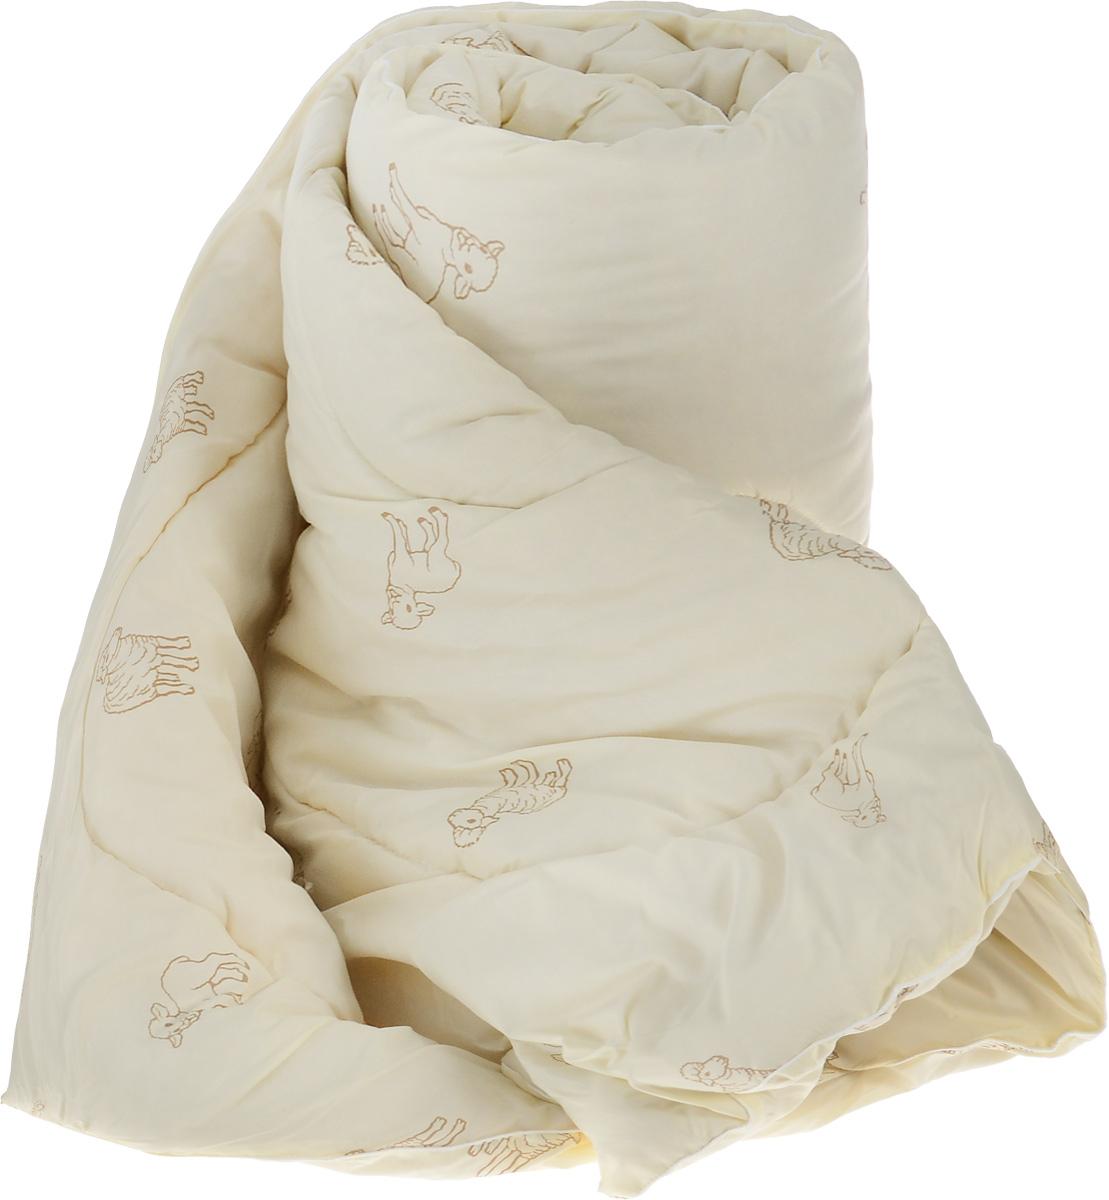 Одеяло теплое Легкие сны Золотое руно,наполнитель: овечья шерсть, 172 x 205 см172(32)05-ОШПТеплое стеганое одеяло Легкие сны Золотое руно с наполнителем изовечьей шерсти расслабит, снимет усталость иподарит вам спокойный и здоровый сон. Шерстяные волокна, получаемые из овечьей шерсти, имеют полую структуру, придающуюизделиям высокую износоустойчивость.Чехол одеяла, выполненный из смесовой ткани отлично пропускает воздух, создавая эффектсухого тепла.Одеяло простегано. Стежка надежноудерживает наполнитель внутри и не позволяет емускатываться. Рекомендации по уходу:Отбеливание, стирка, барабанная сушка и глажка запрещены.Разрешается химчистка.Уважаемые клиенты!Обращаем ваше внимание на цветовой ассортименттовара. Поставка осуществляется в зависимости от наличия на складе.